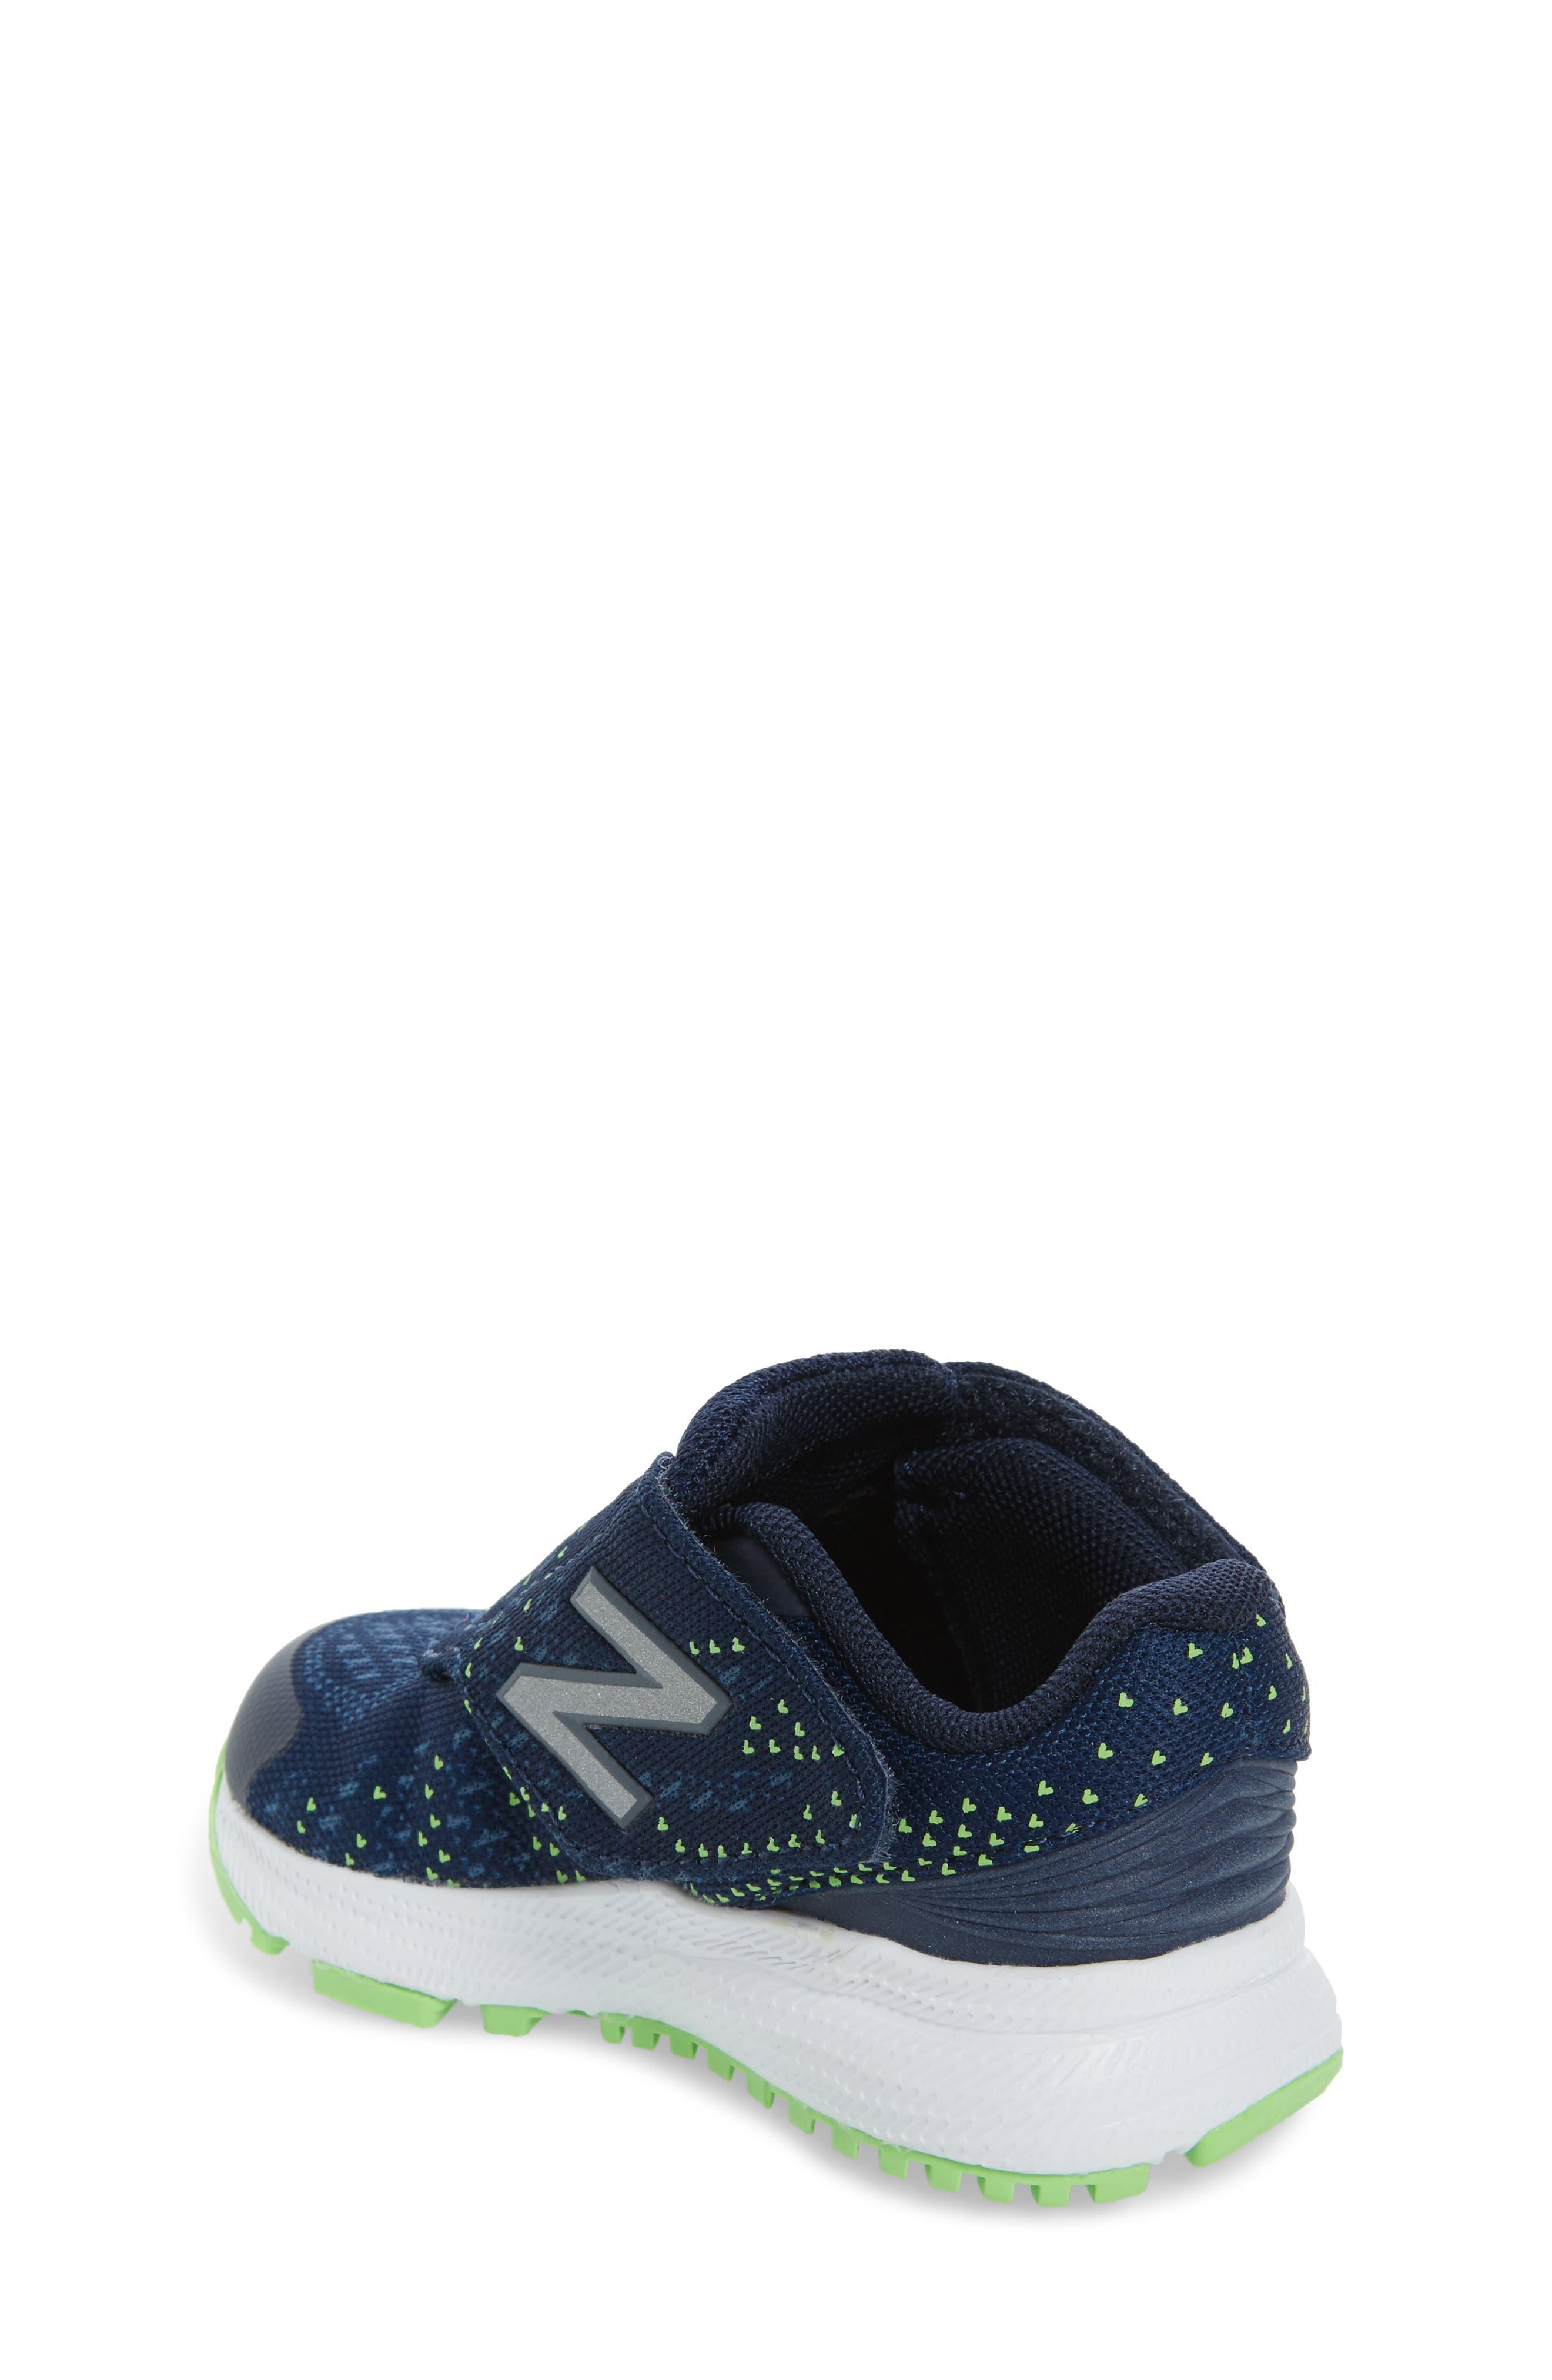 FuelCore Rush v3 Sneaker,                             Alternate thumbnail 2, color,                             Navy